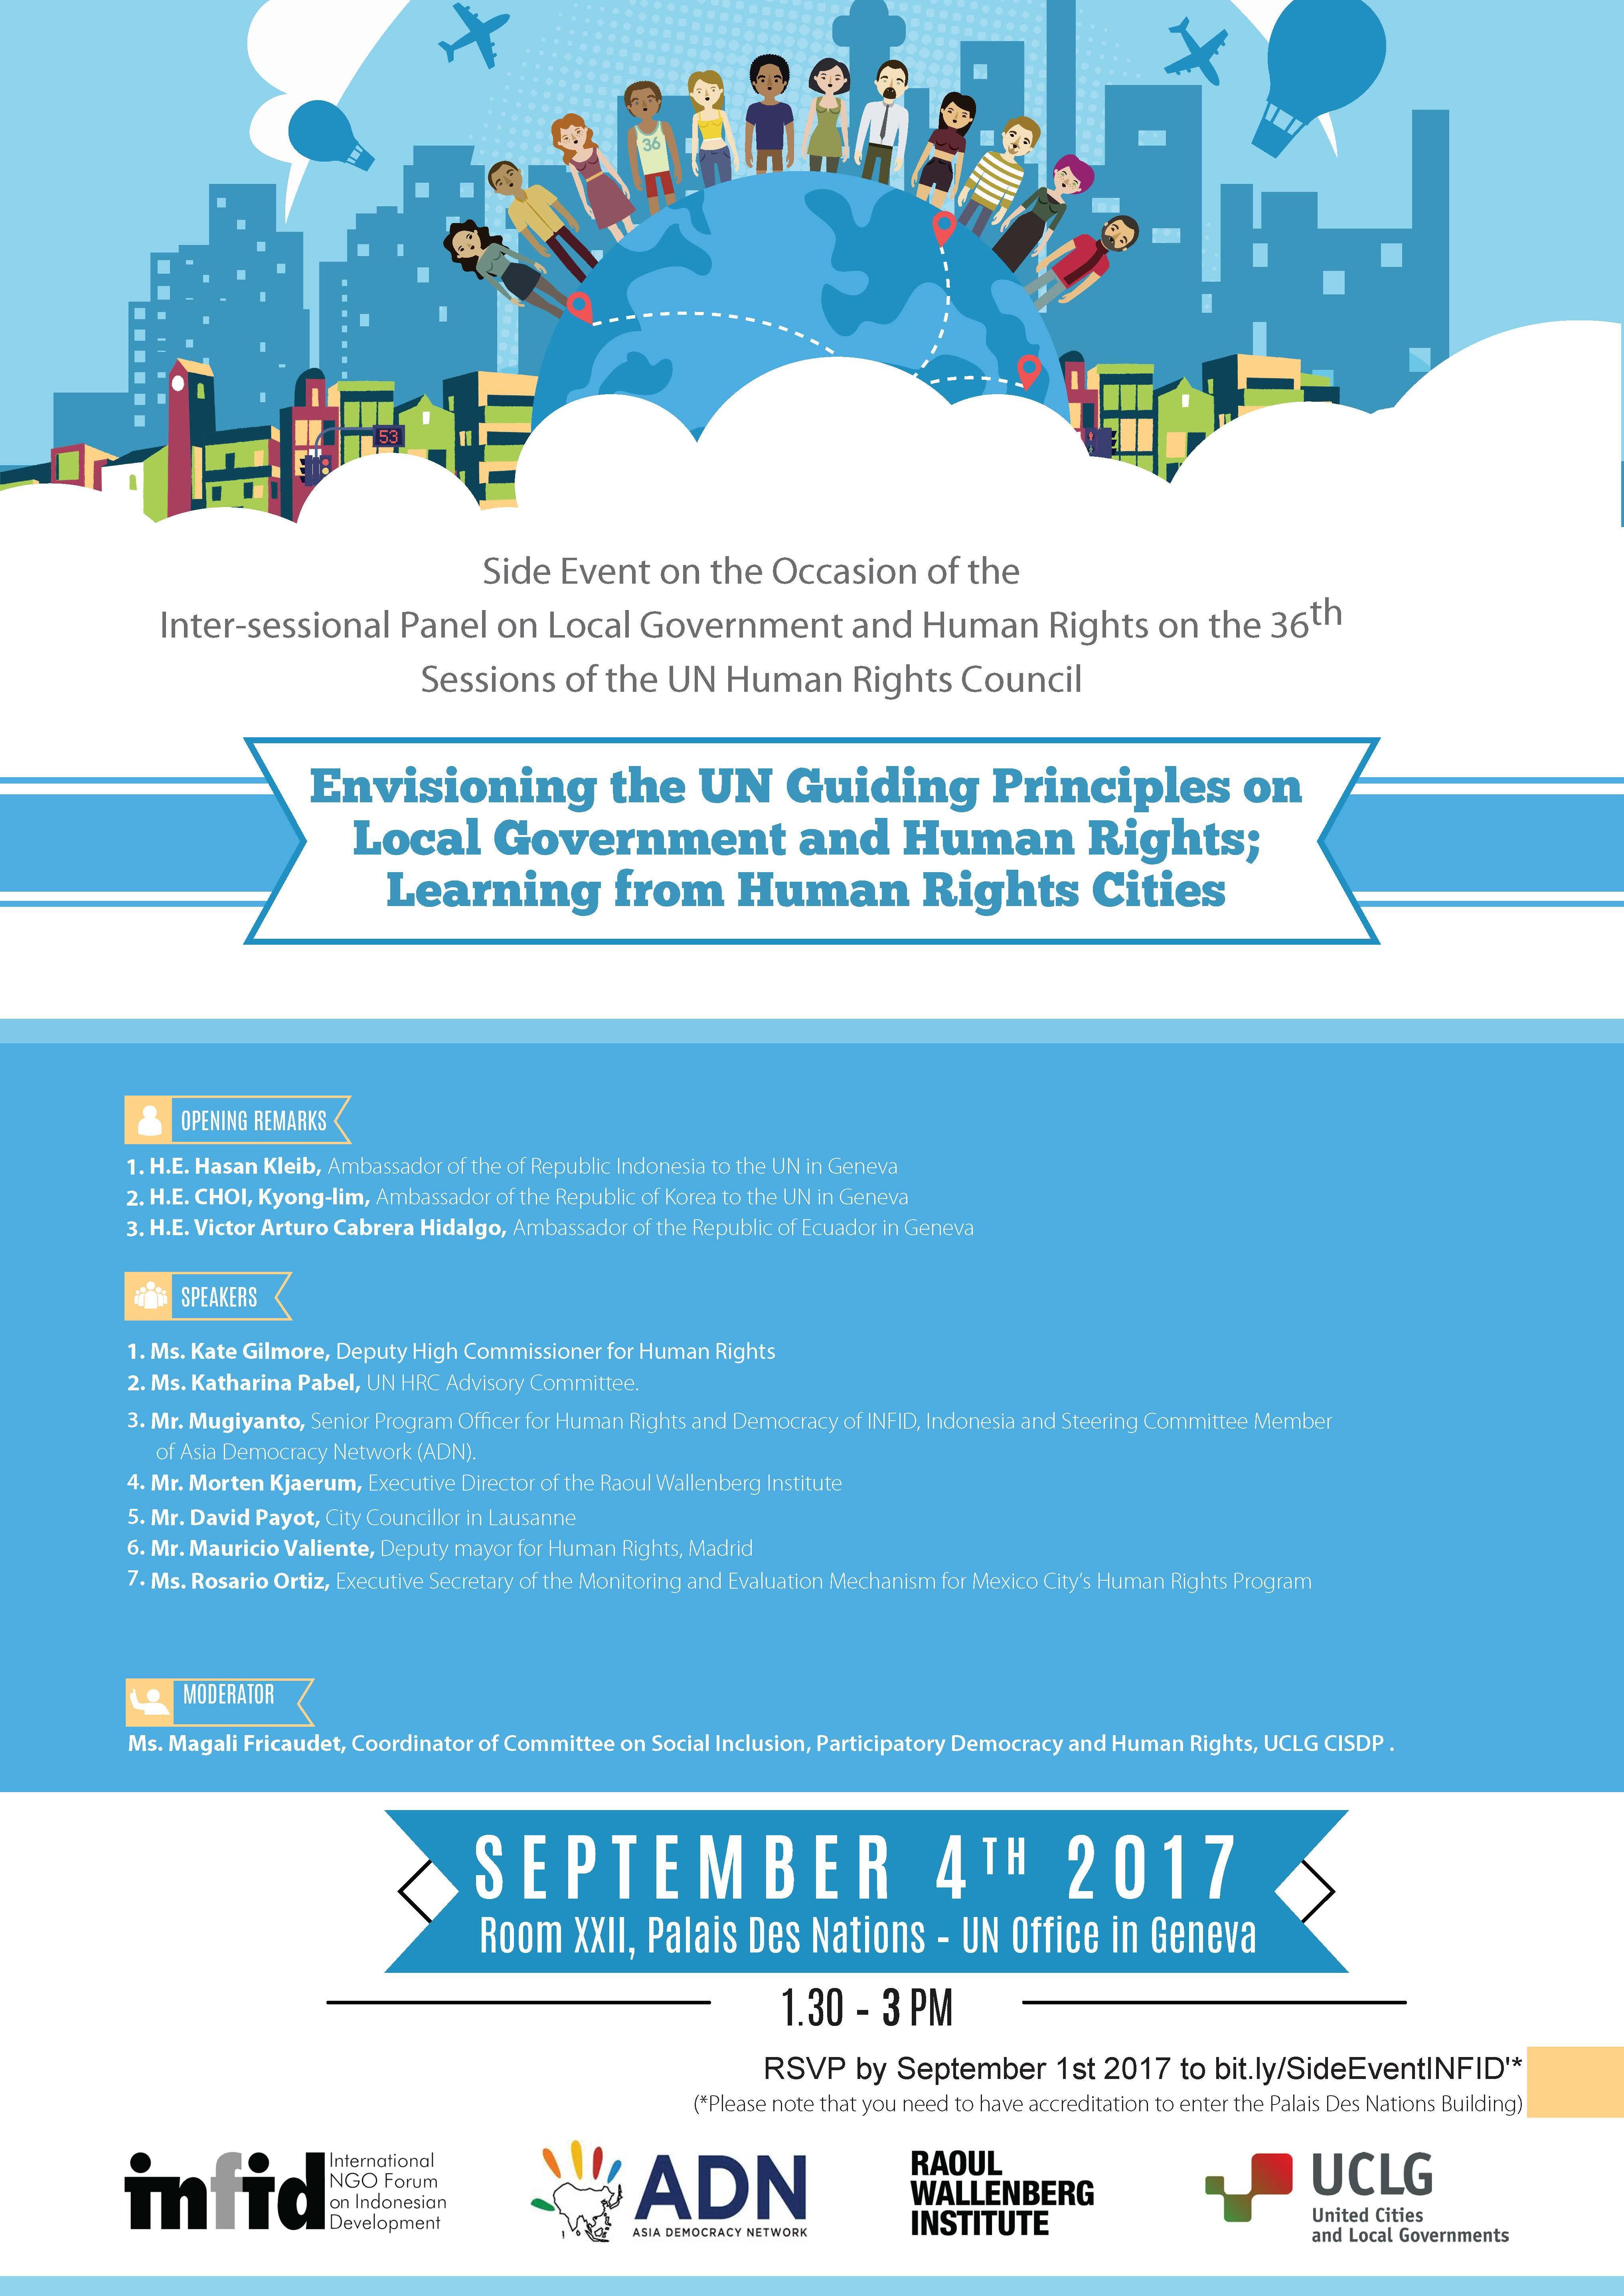 ... par les villes du Réseau des Villes pour les Droits Humains pour  concrétiser les droits dans leur action quotidienne au service des  habitants de ... 7a6989d5d6e2